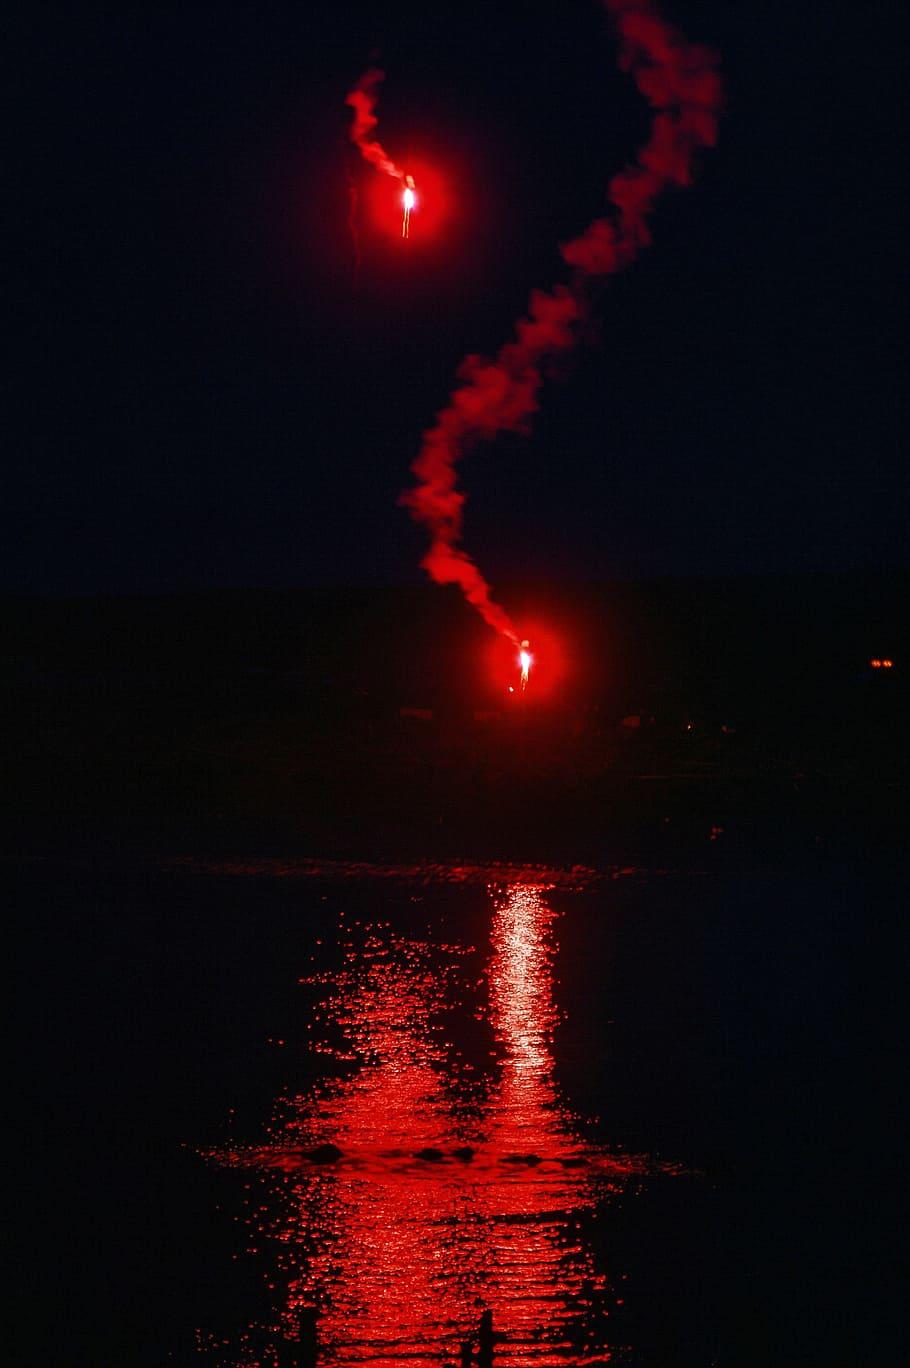 señal de supervivencia, rojo, bengalas, agua, peligro, destello, resplandor, luz, océano, cohete